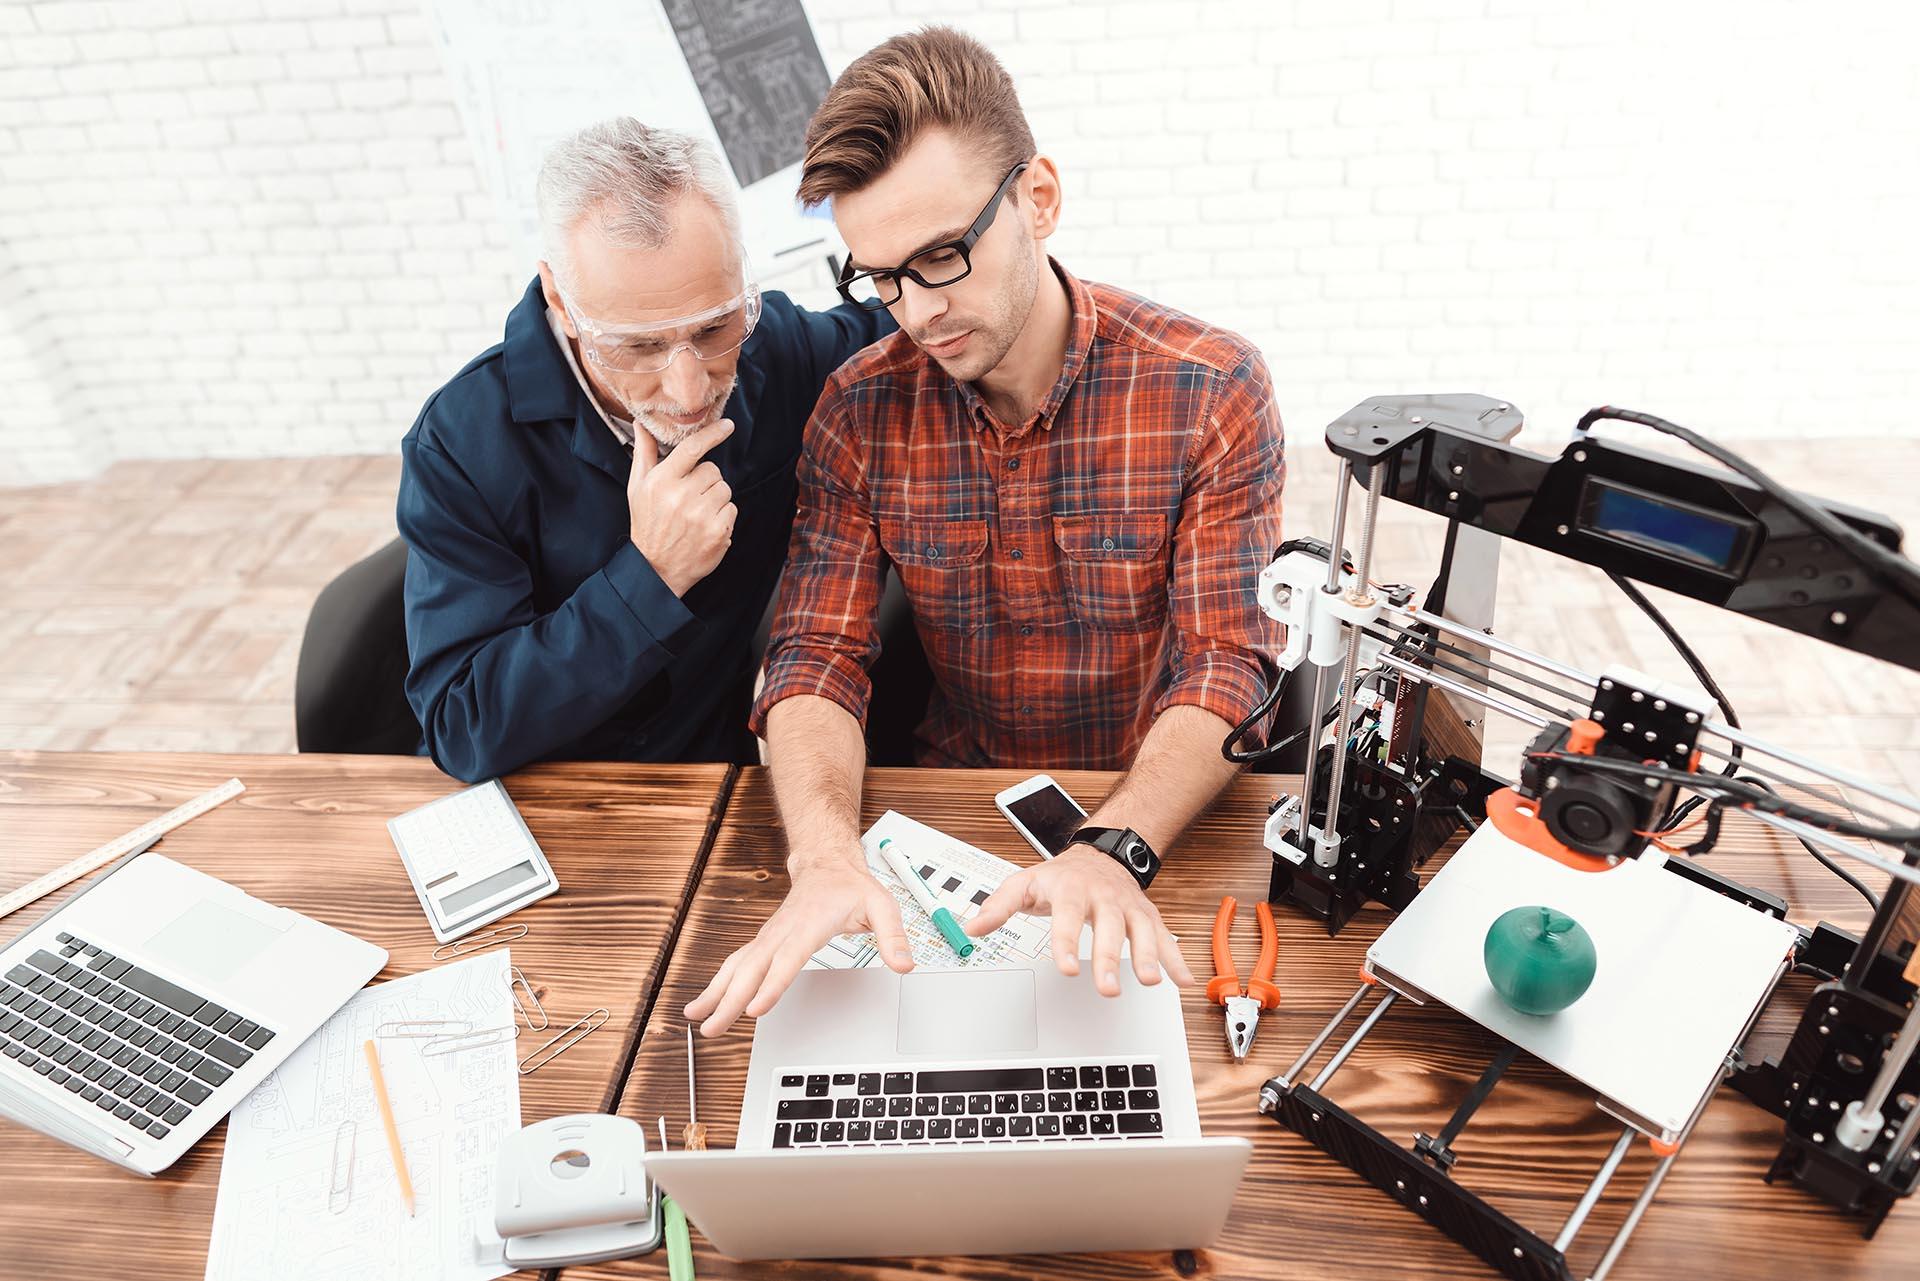 Trójwymiarowe wyzwanie. Druk 3D w działalności przedsiębiorców a ochrona własności intelektualnej